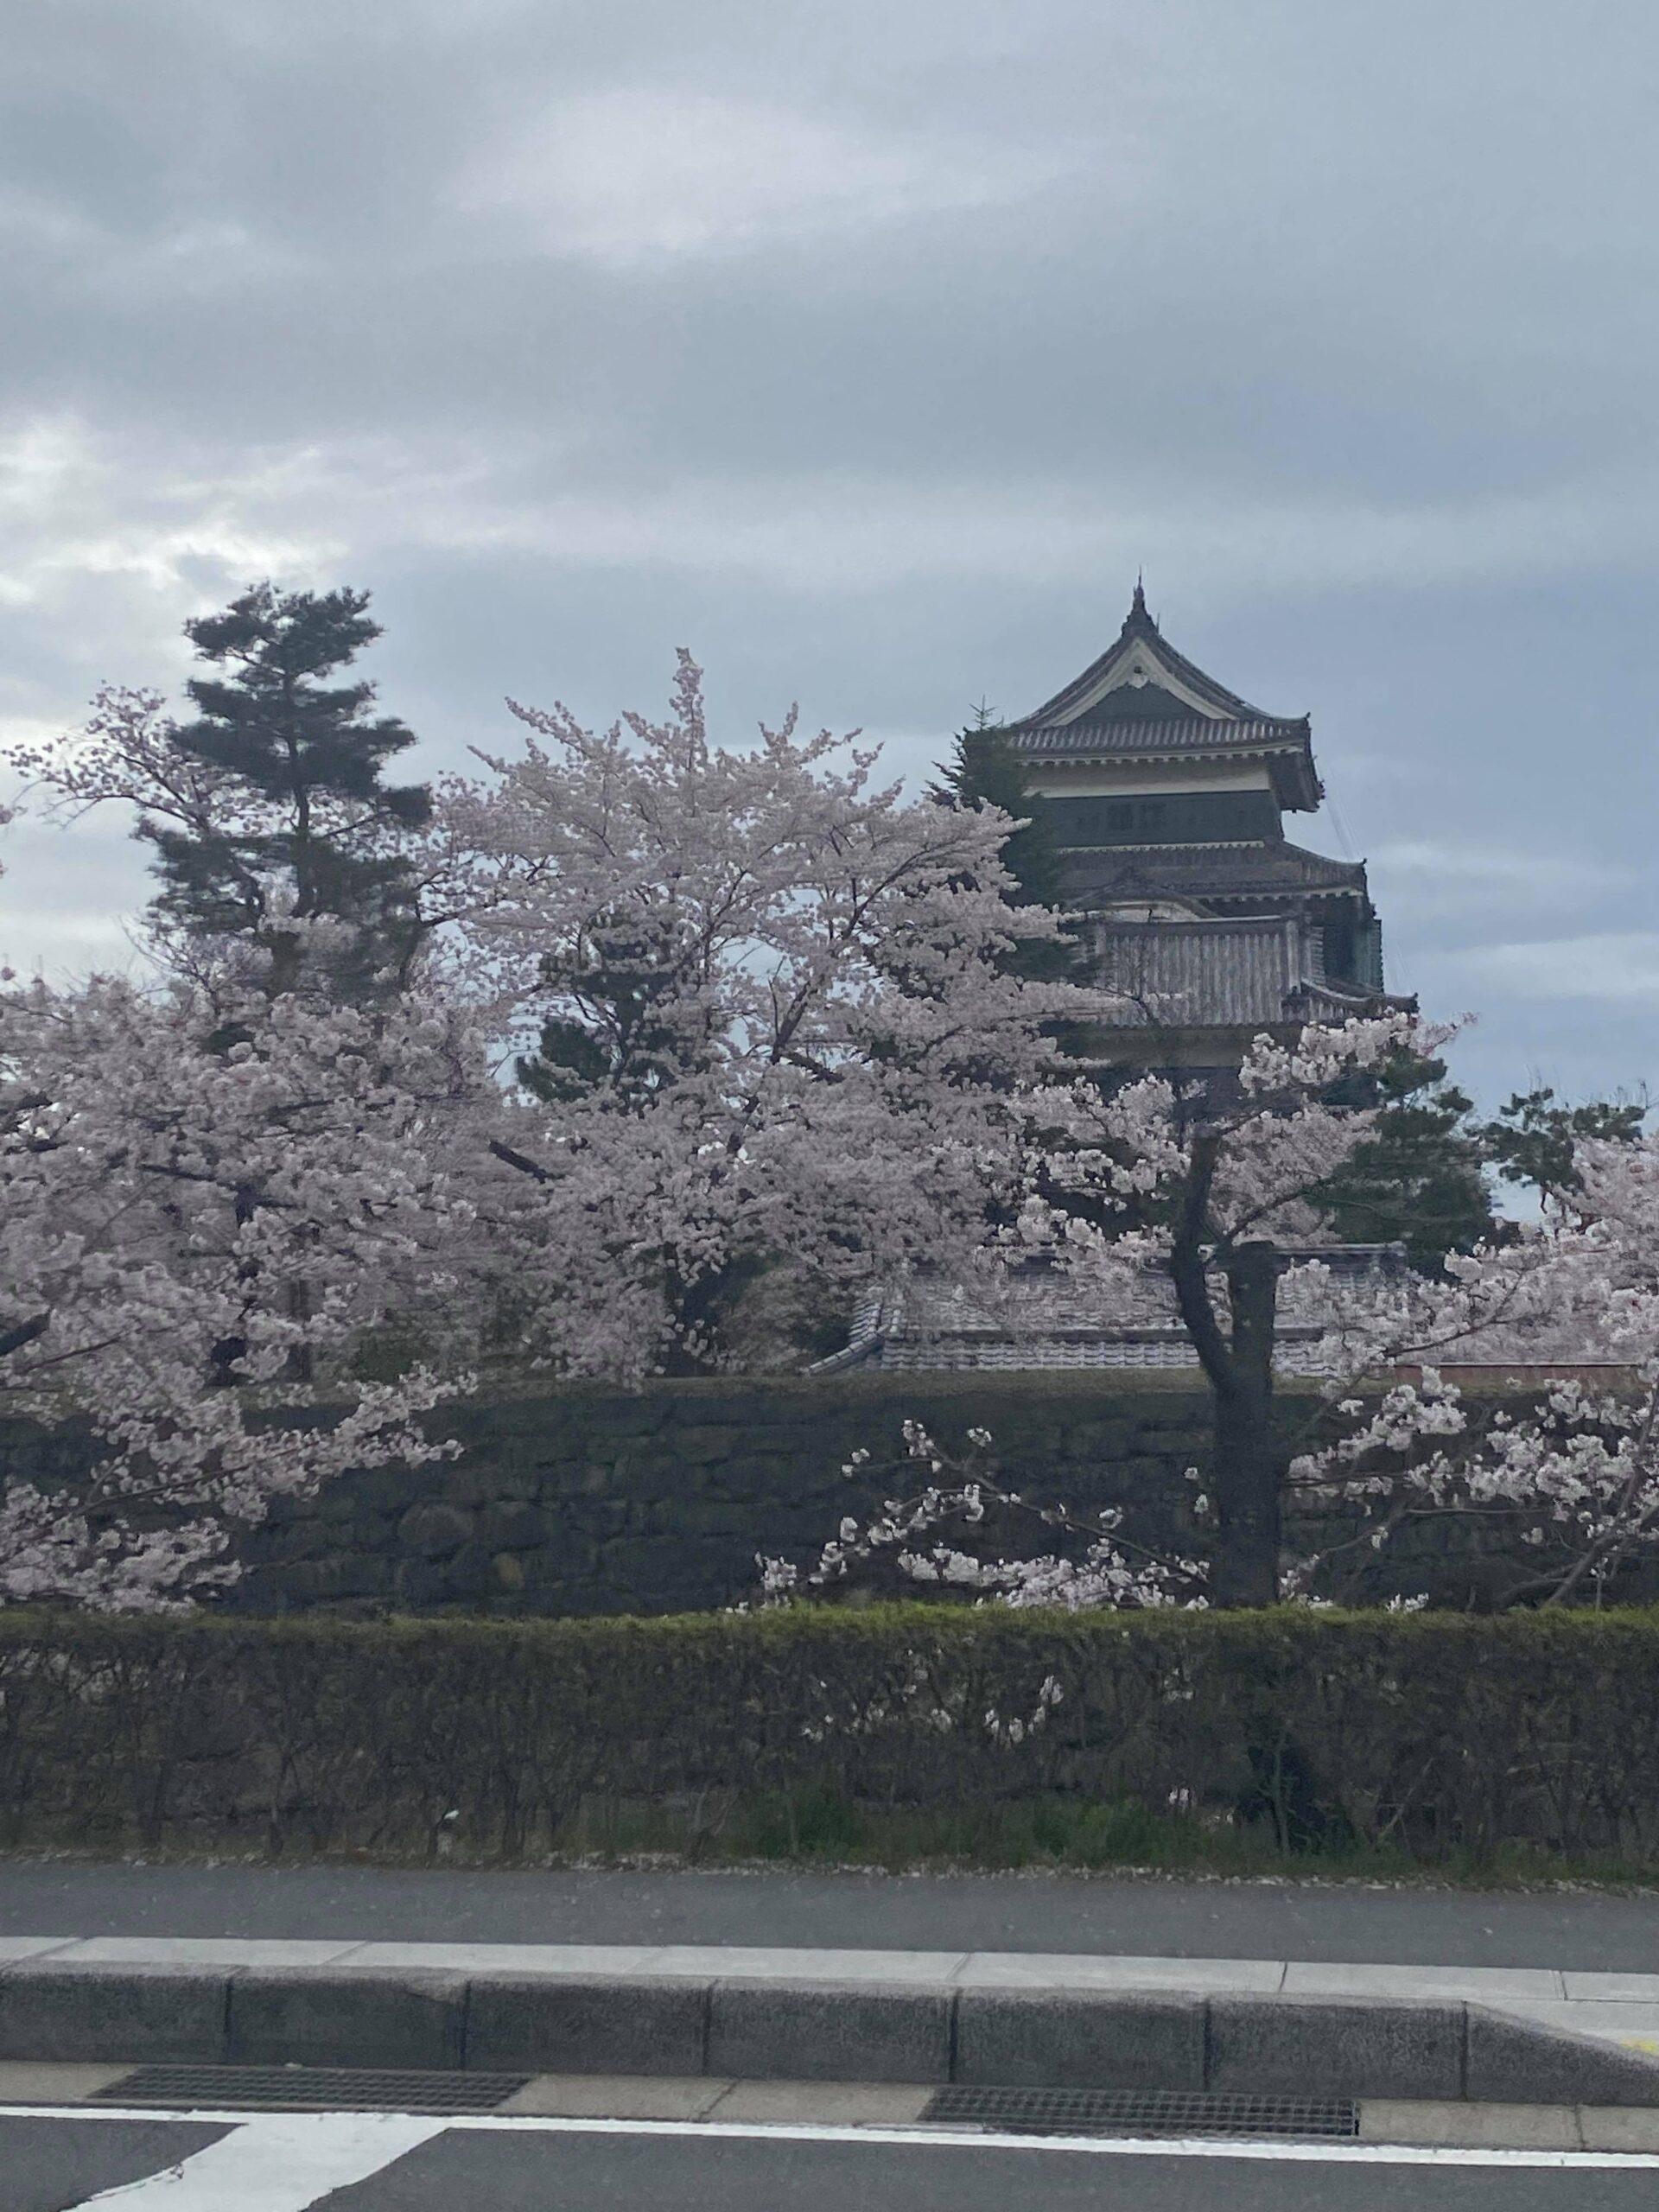 【J#77】安曇野・松本への旅(1)〜自分の専門外の人たちと親睦を深める機会〜改めて「内観」とは何か?